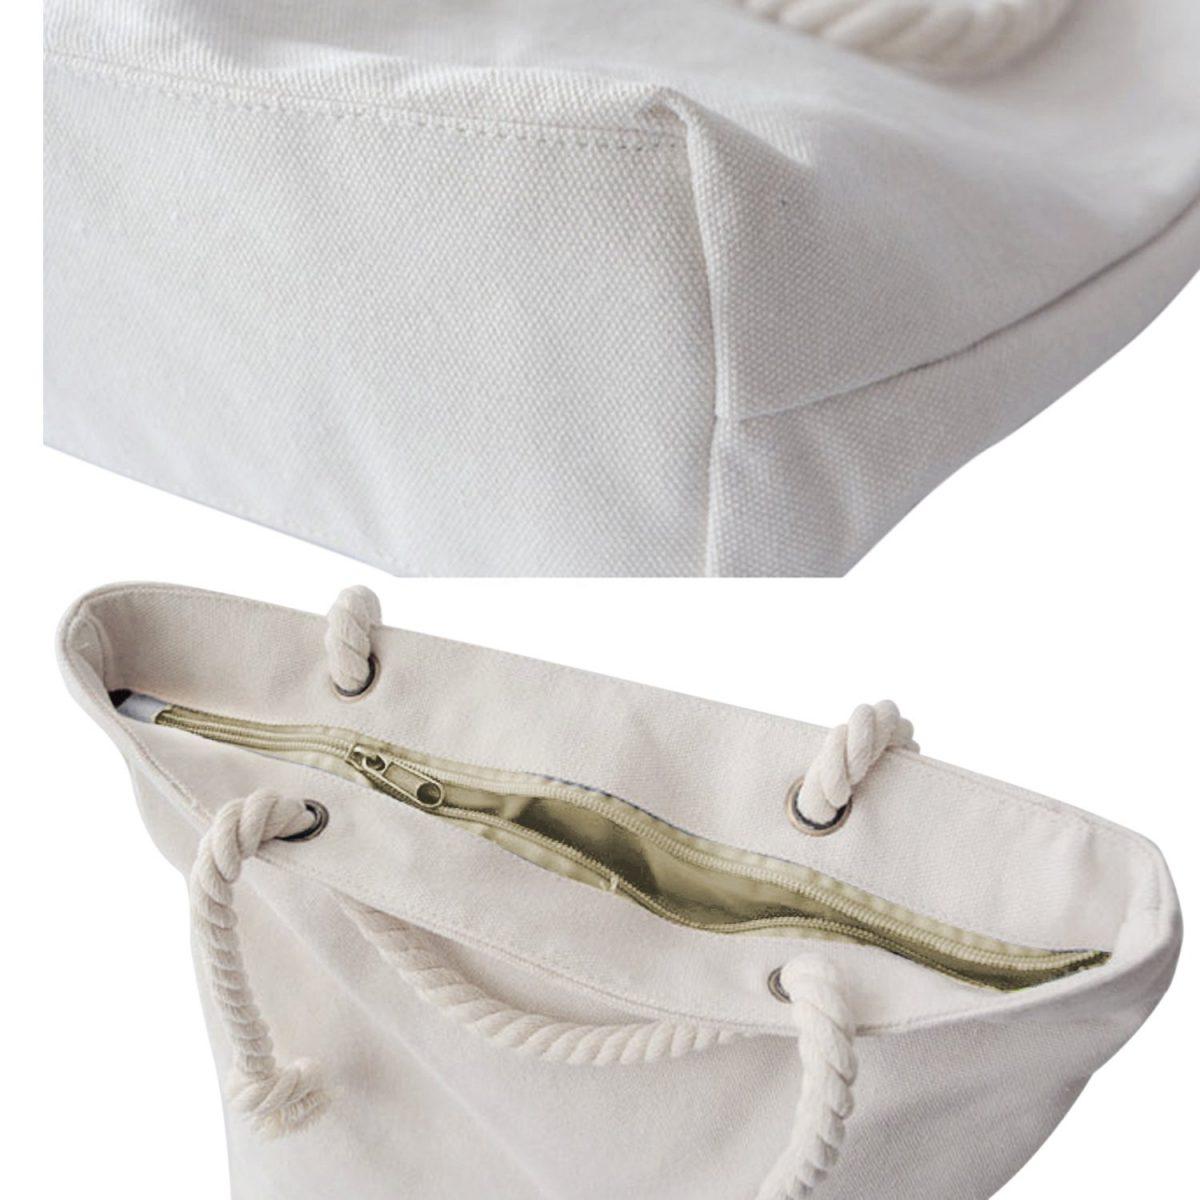 Pembe Beyaz Mermer Desenli Dijital Baskılı Fermuarlı Kumaş Çanta Realhomes